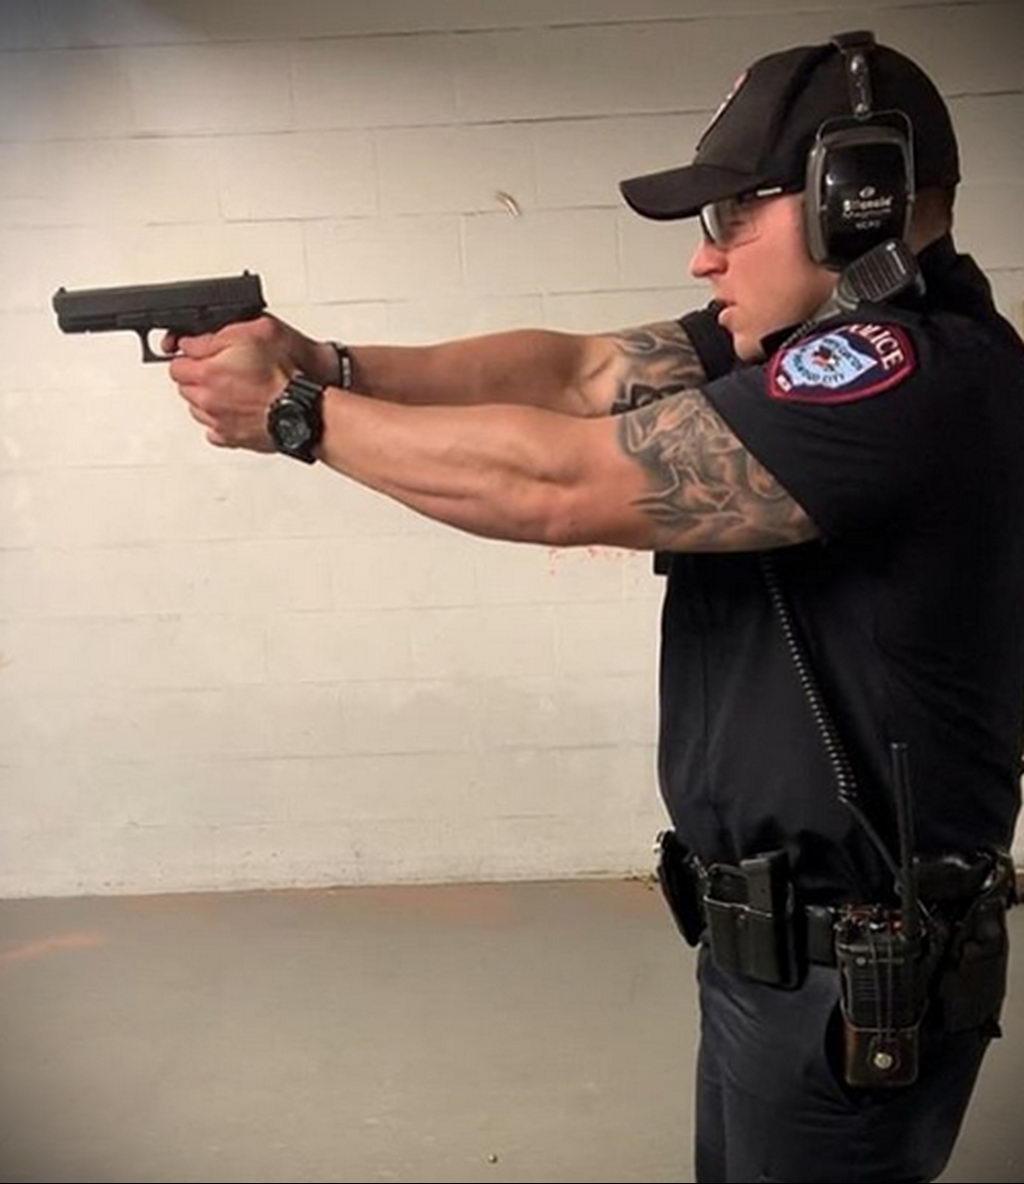 Фото действующего сотрудника полиции в форме с татуировками на теле для tatufoto.com 26